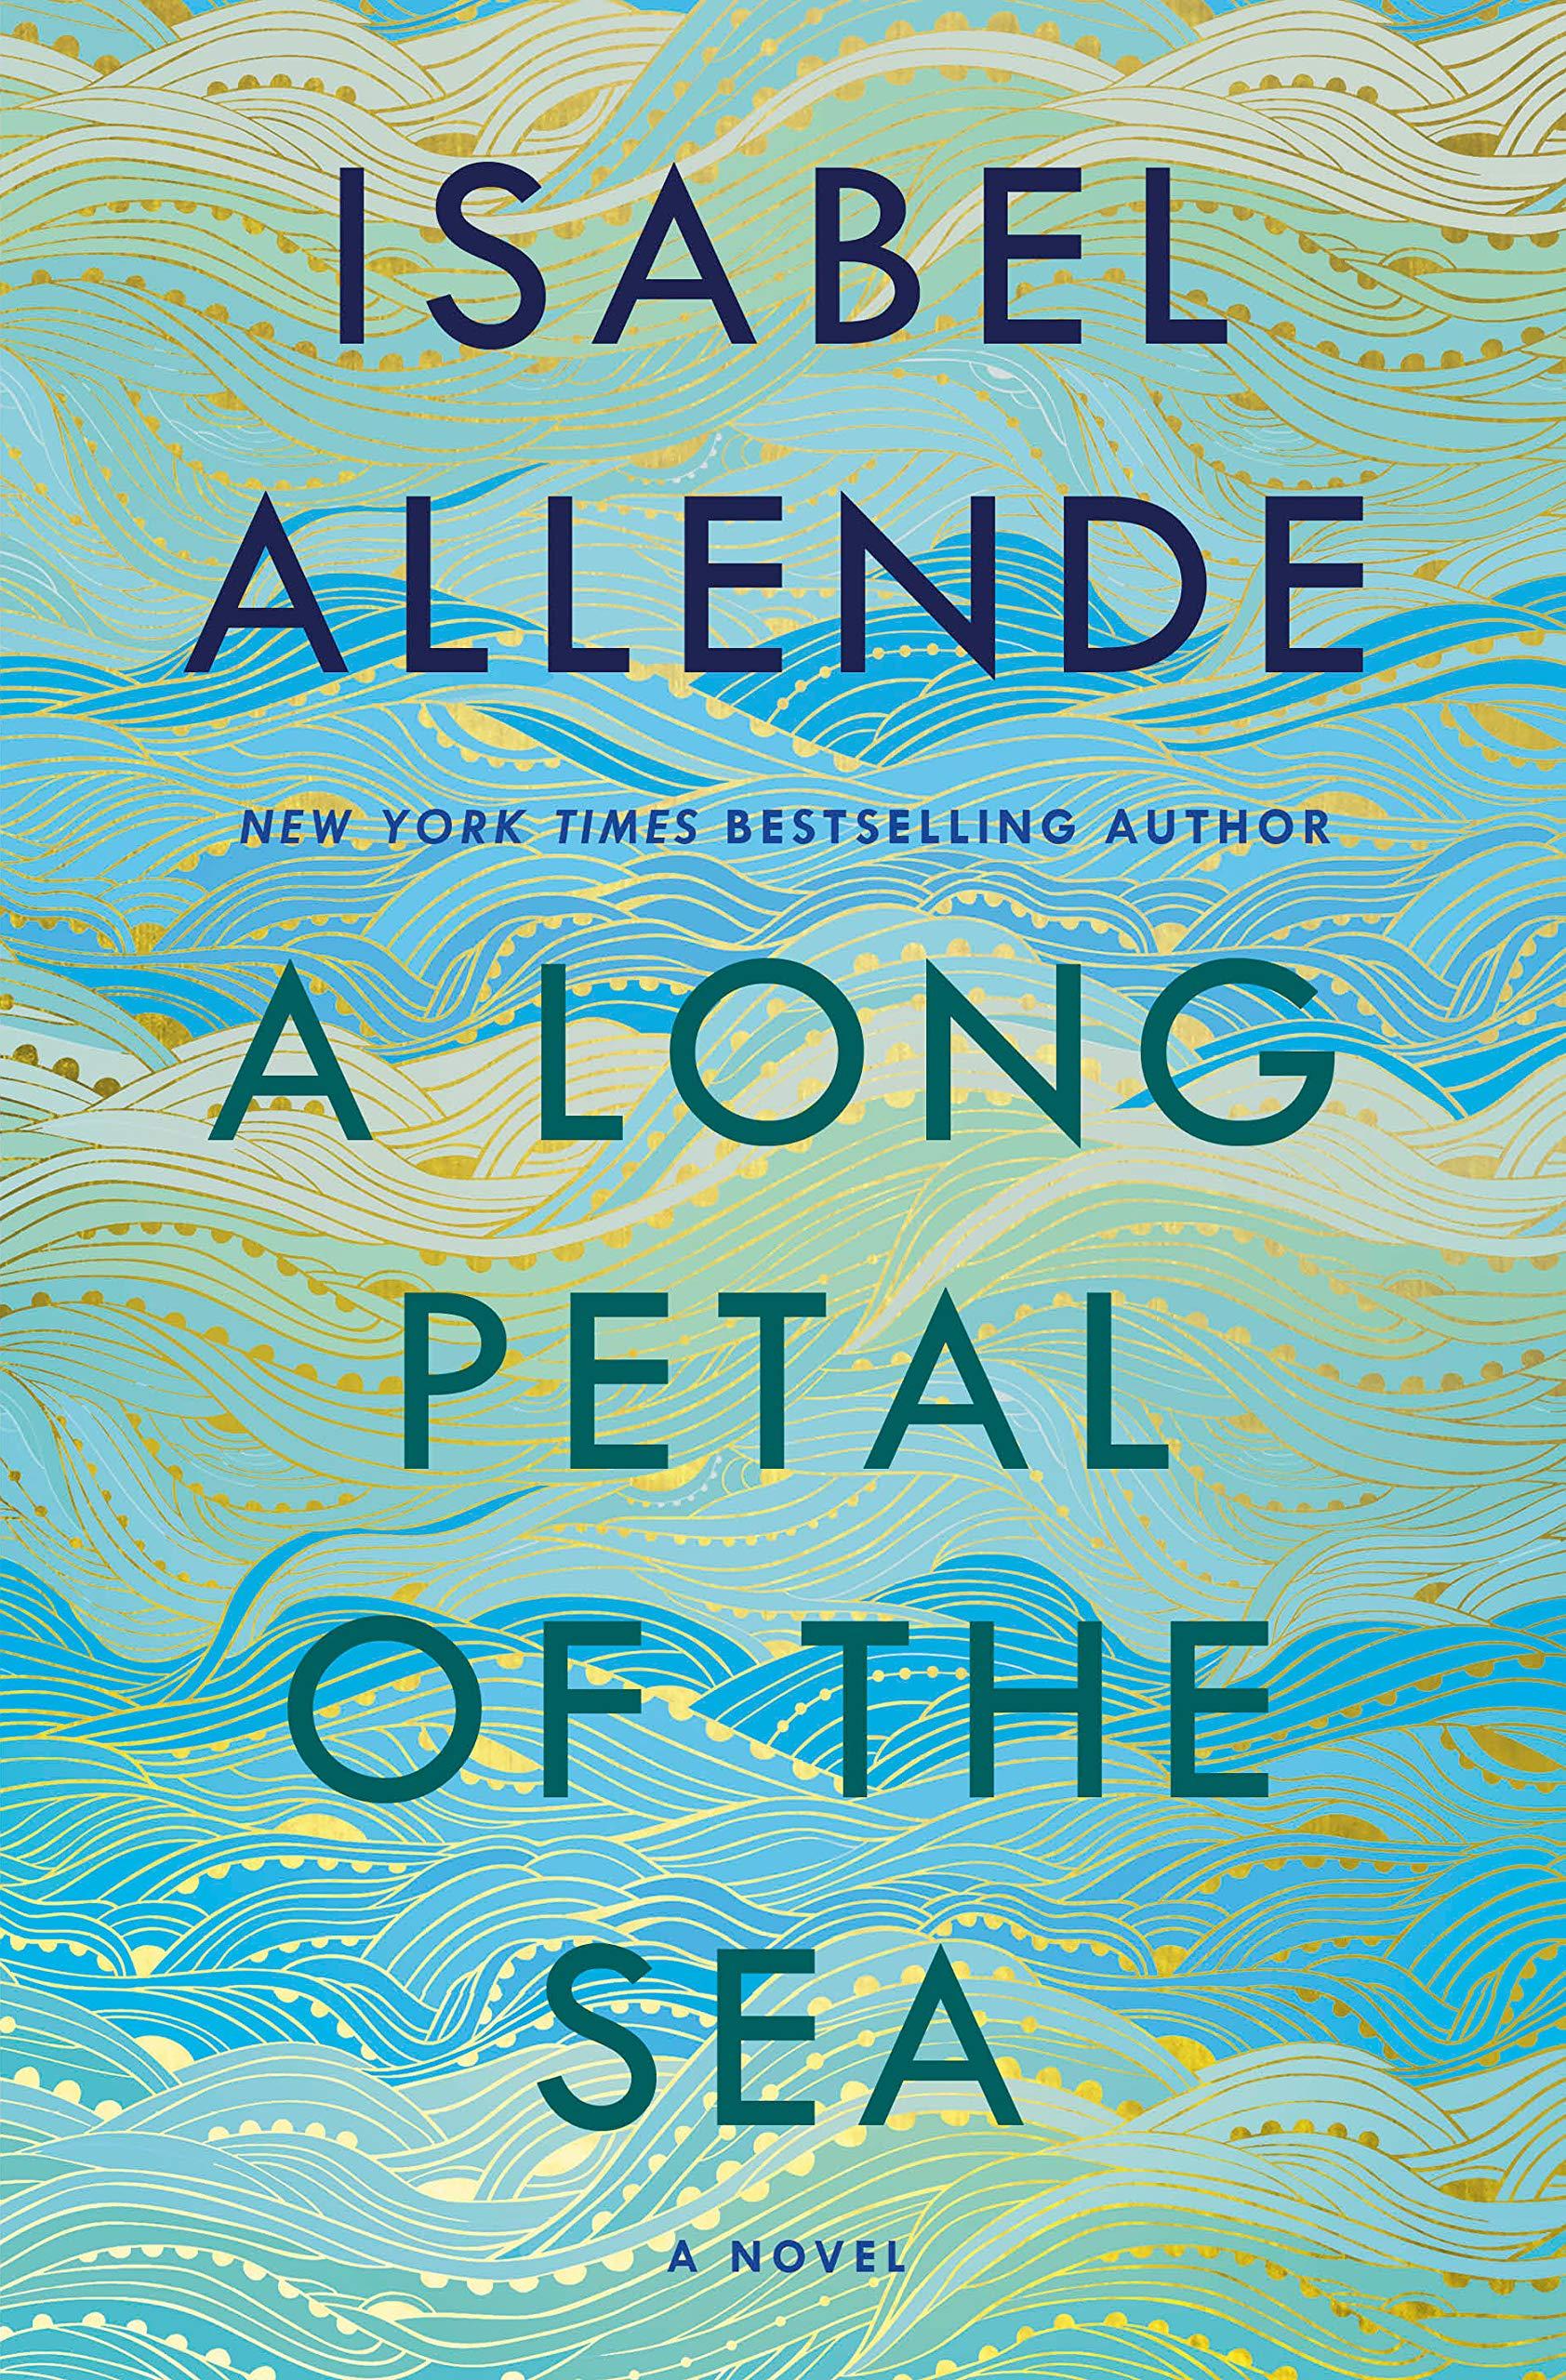 """""""Цвят продълговат в морето"""" – амбициозният исторически шедьовър на Исабел Алиенде"""